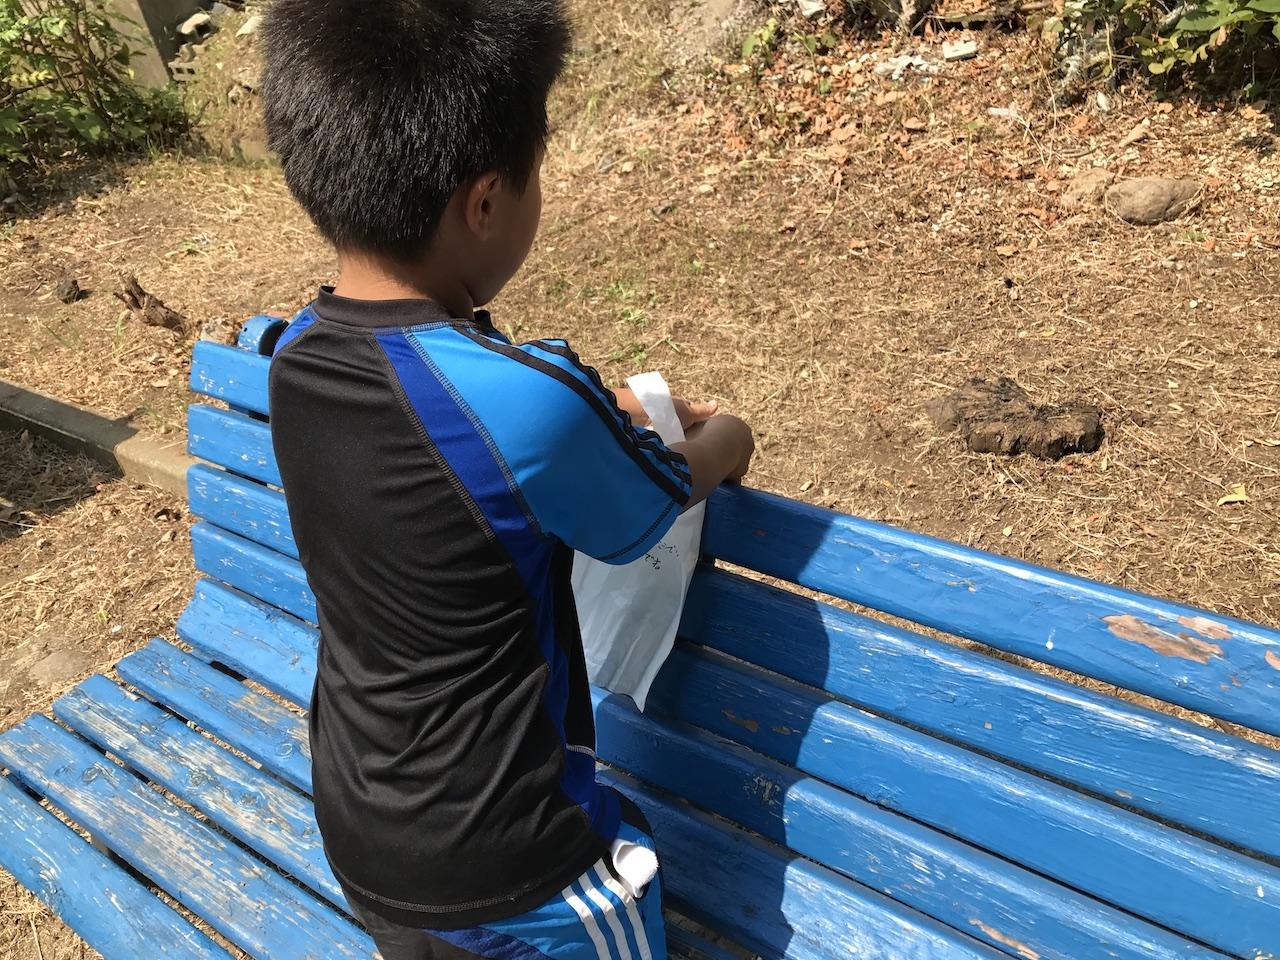 息子達と自宅横の公園をきれいにする大作戦。自分達で清掃する方法から、ゴミを捨てる人達を減らす方法を子供達が考える。